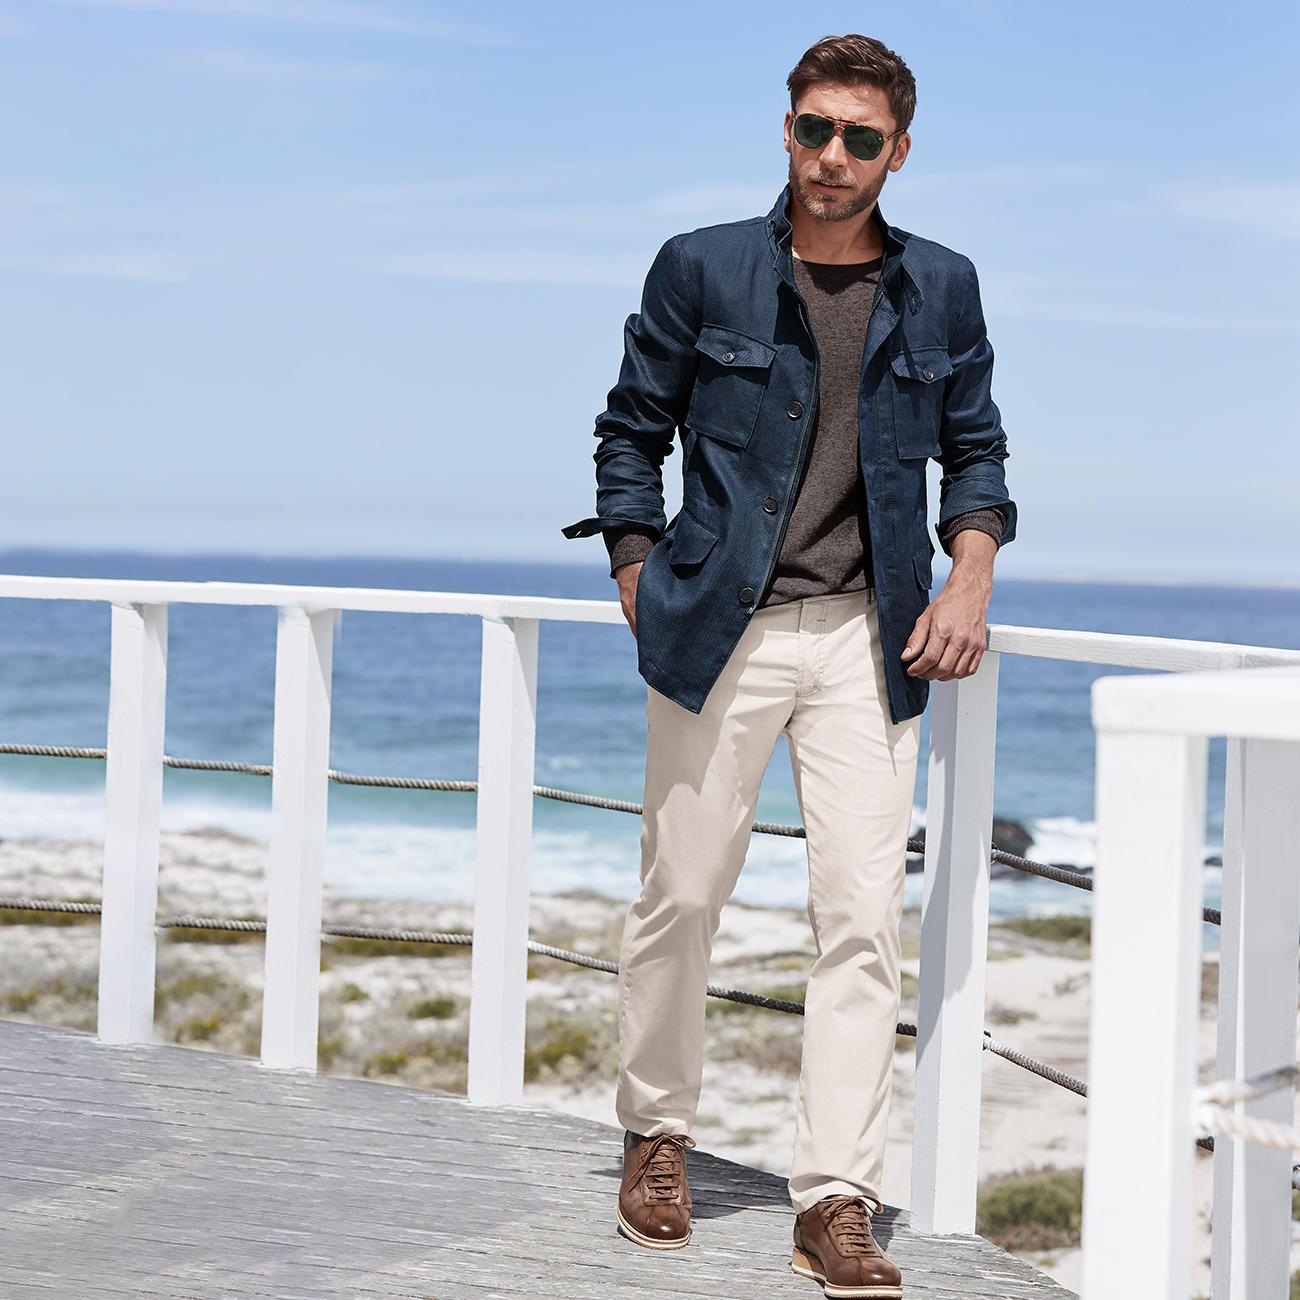 Leinen Wachsjacke | Mode Klassiker entdecken